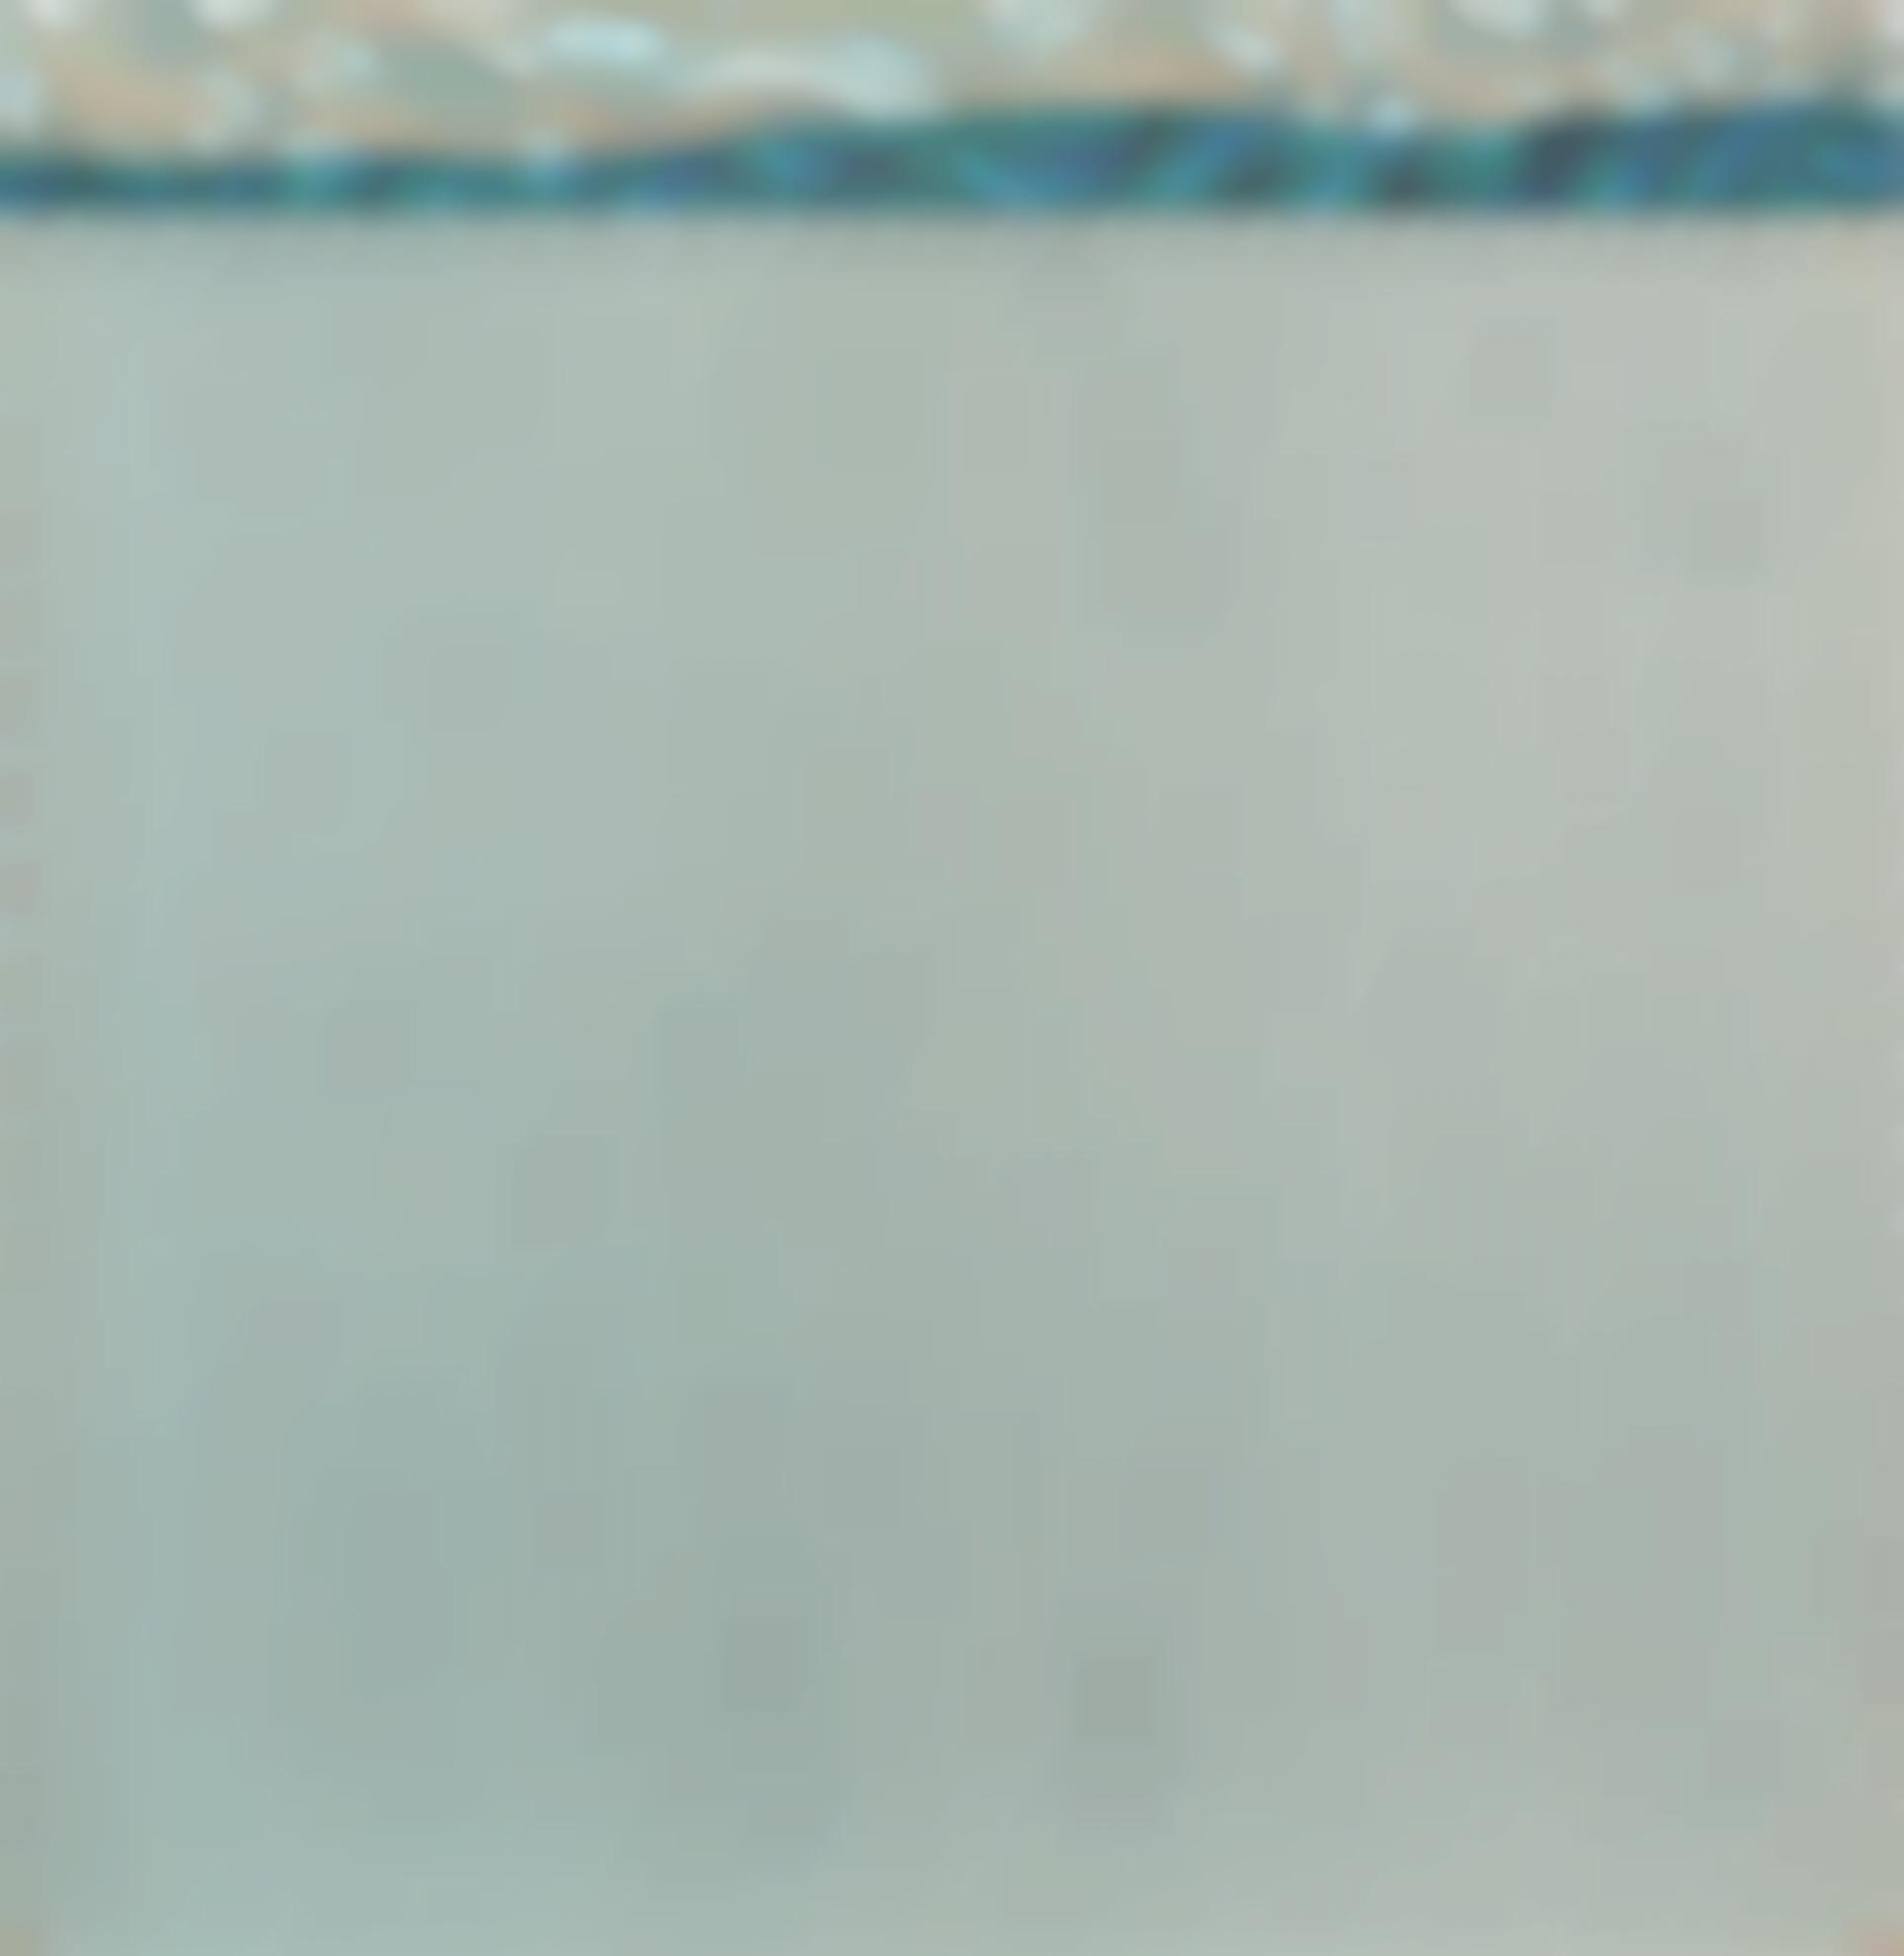 Roy Lichtenstein-Untitled-1965